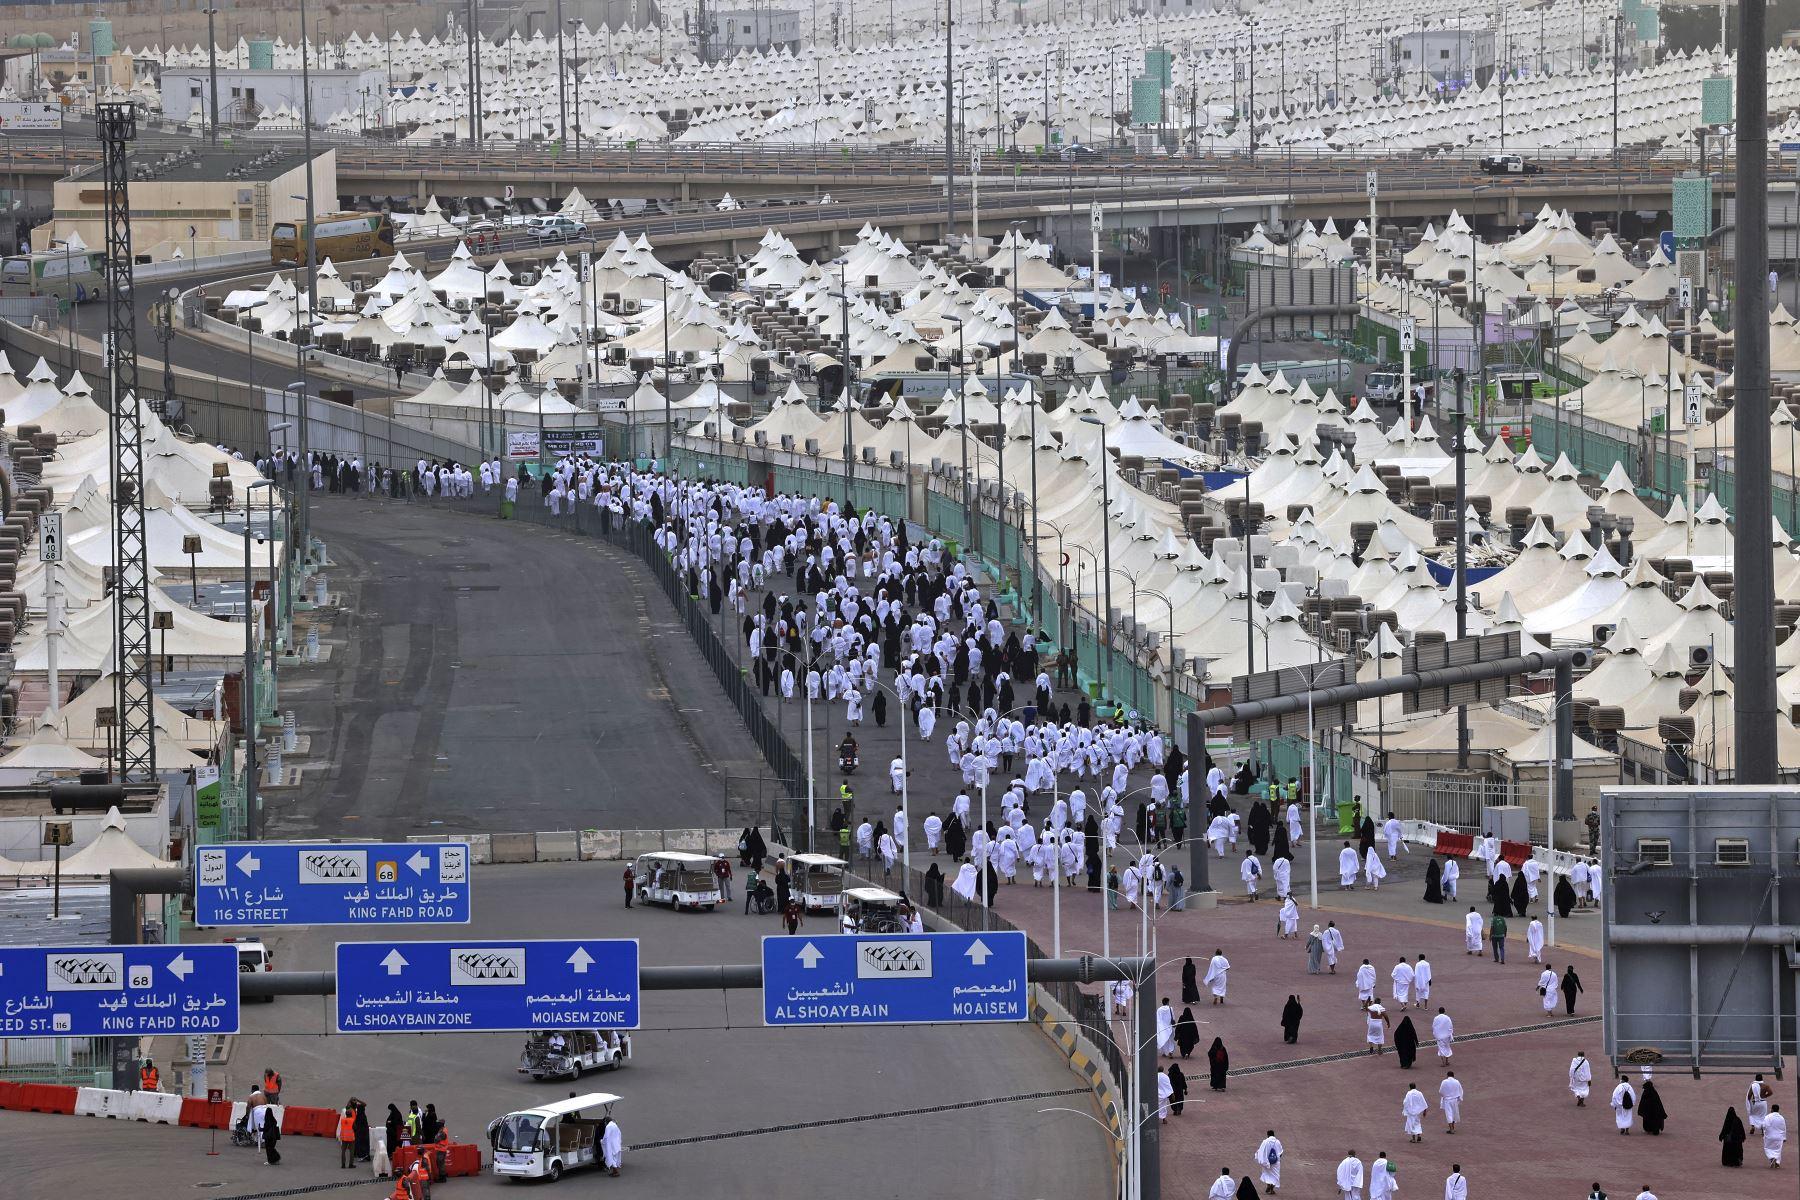 Los adoradores musulmanes acuden a realizar ritual simbólico de lapidación del diablo, como parte de la peregrinación del Hajj en Mina, cerca de la ciudad santa de La Meca, en Arabia Saudita. Foto: AFP